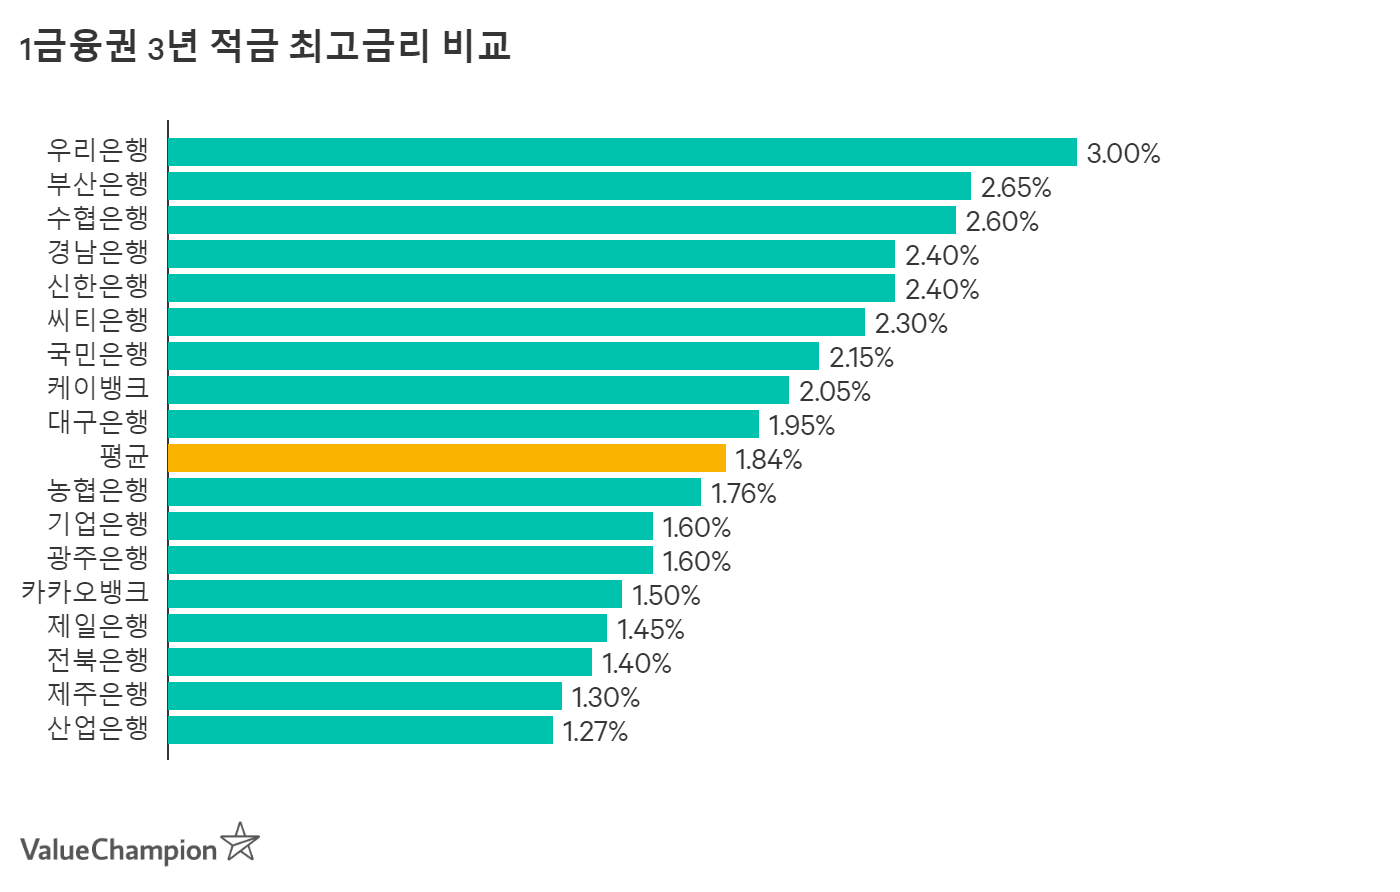 1금융권 최고의 장기적금 이율 비교